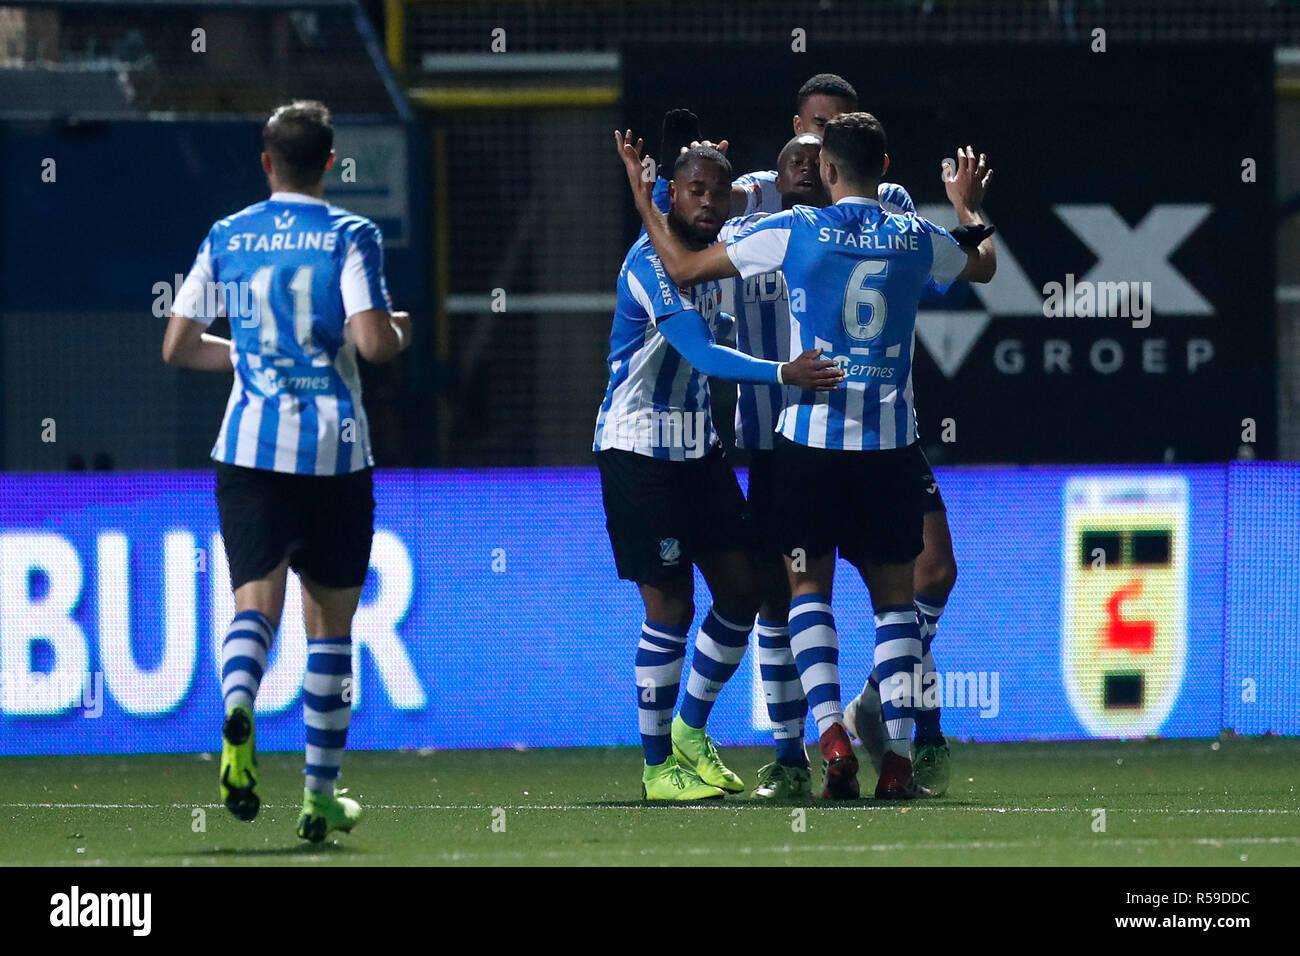 Keuken Kampioen Leeuwarden : Leeuwarden 30 11 2018 cambuur stadium football season 2018